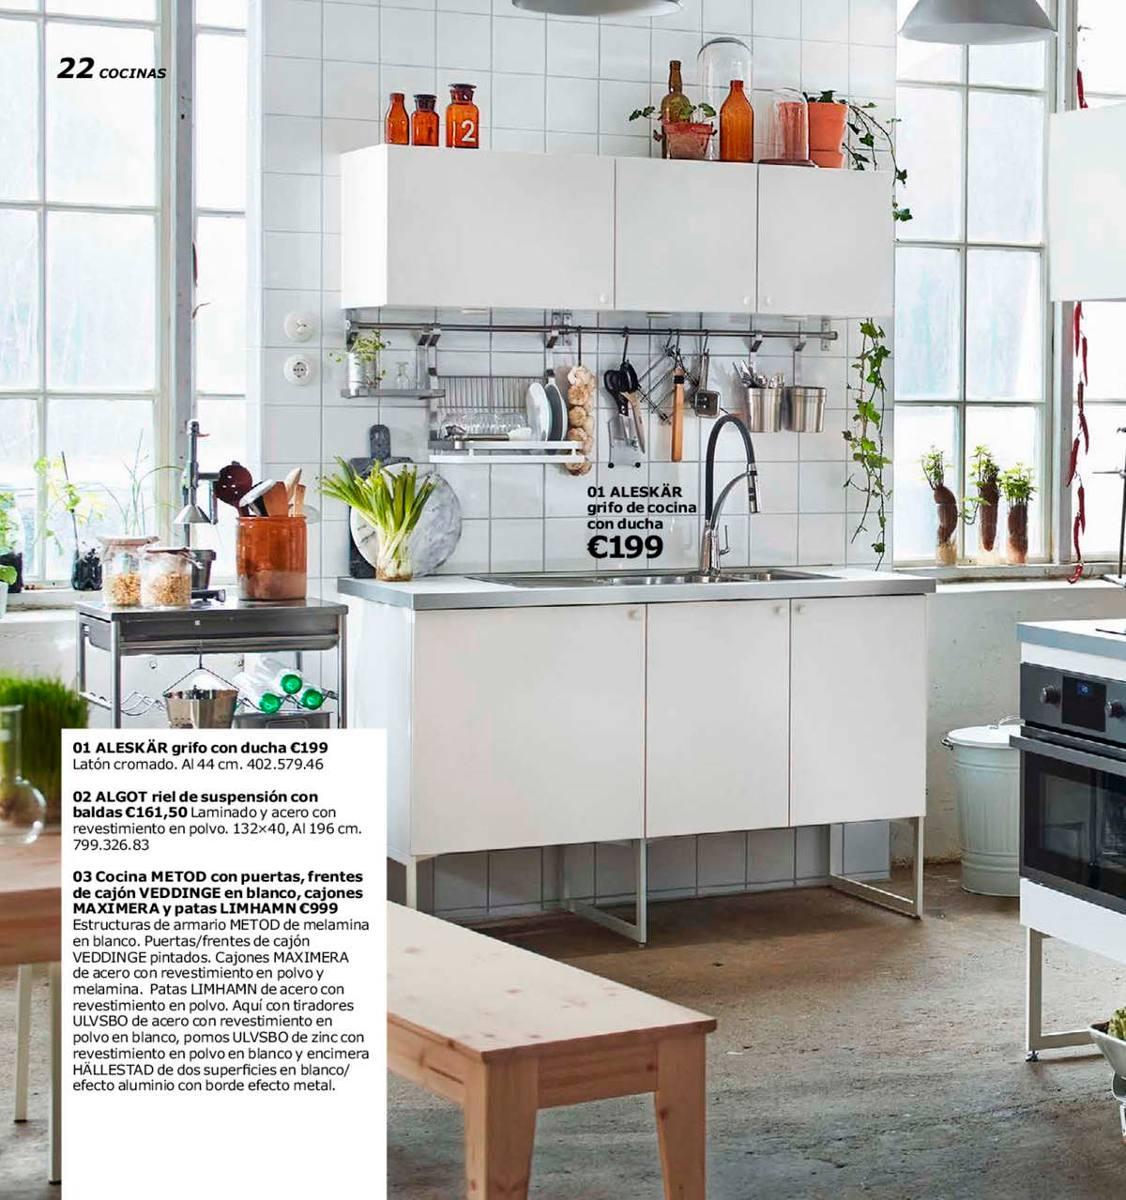 barral para cocina sueco grundtal de ikea de cm por el diseador mikael warnhammar los nicos del mercado acero inoxidable tanto el